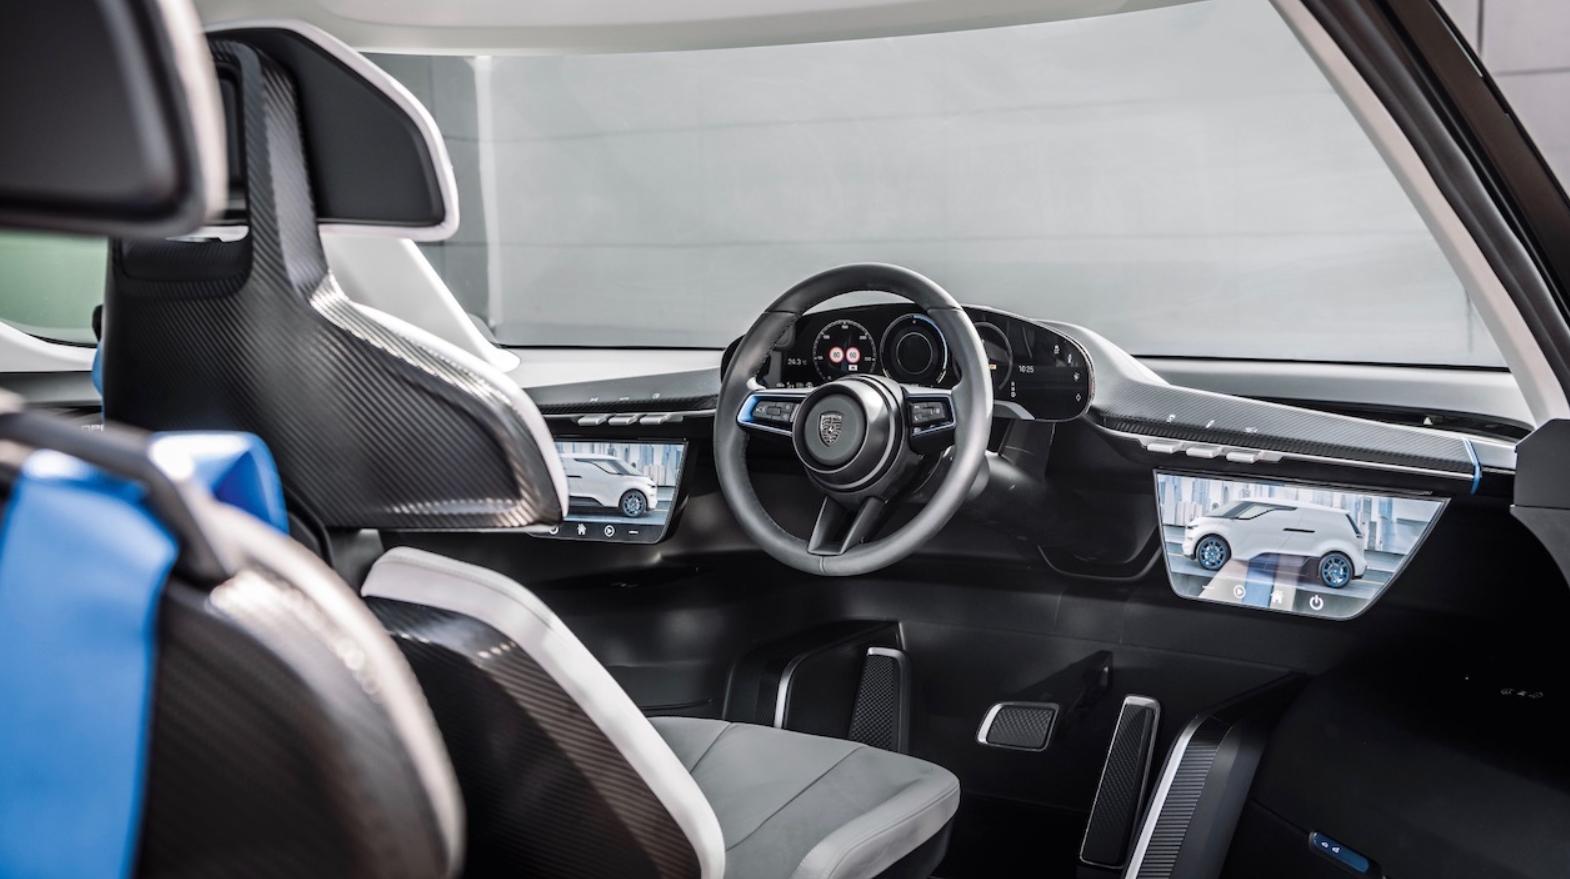 porsche vision renndienst: ¿Los fabricantes de automóviles se han vuelto locos? 1